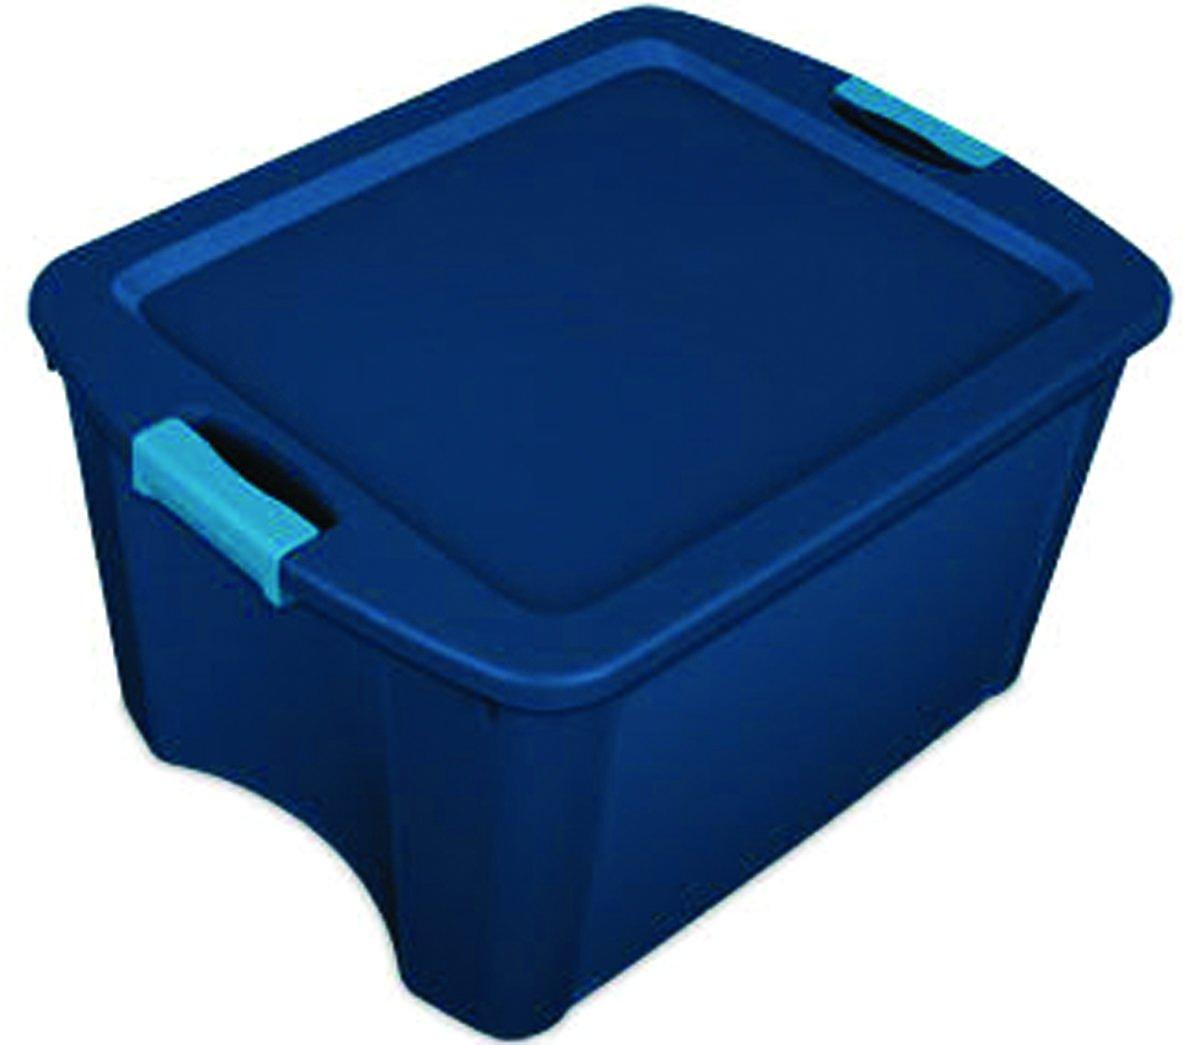 STERILITE Corp 14467406 Tote Latch/Carry True Blue, 18g